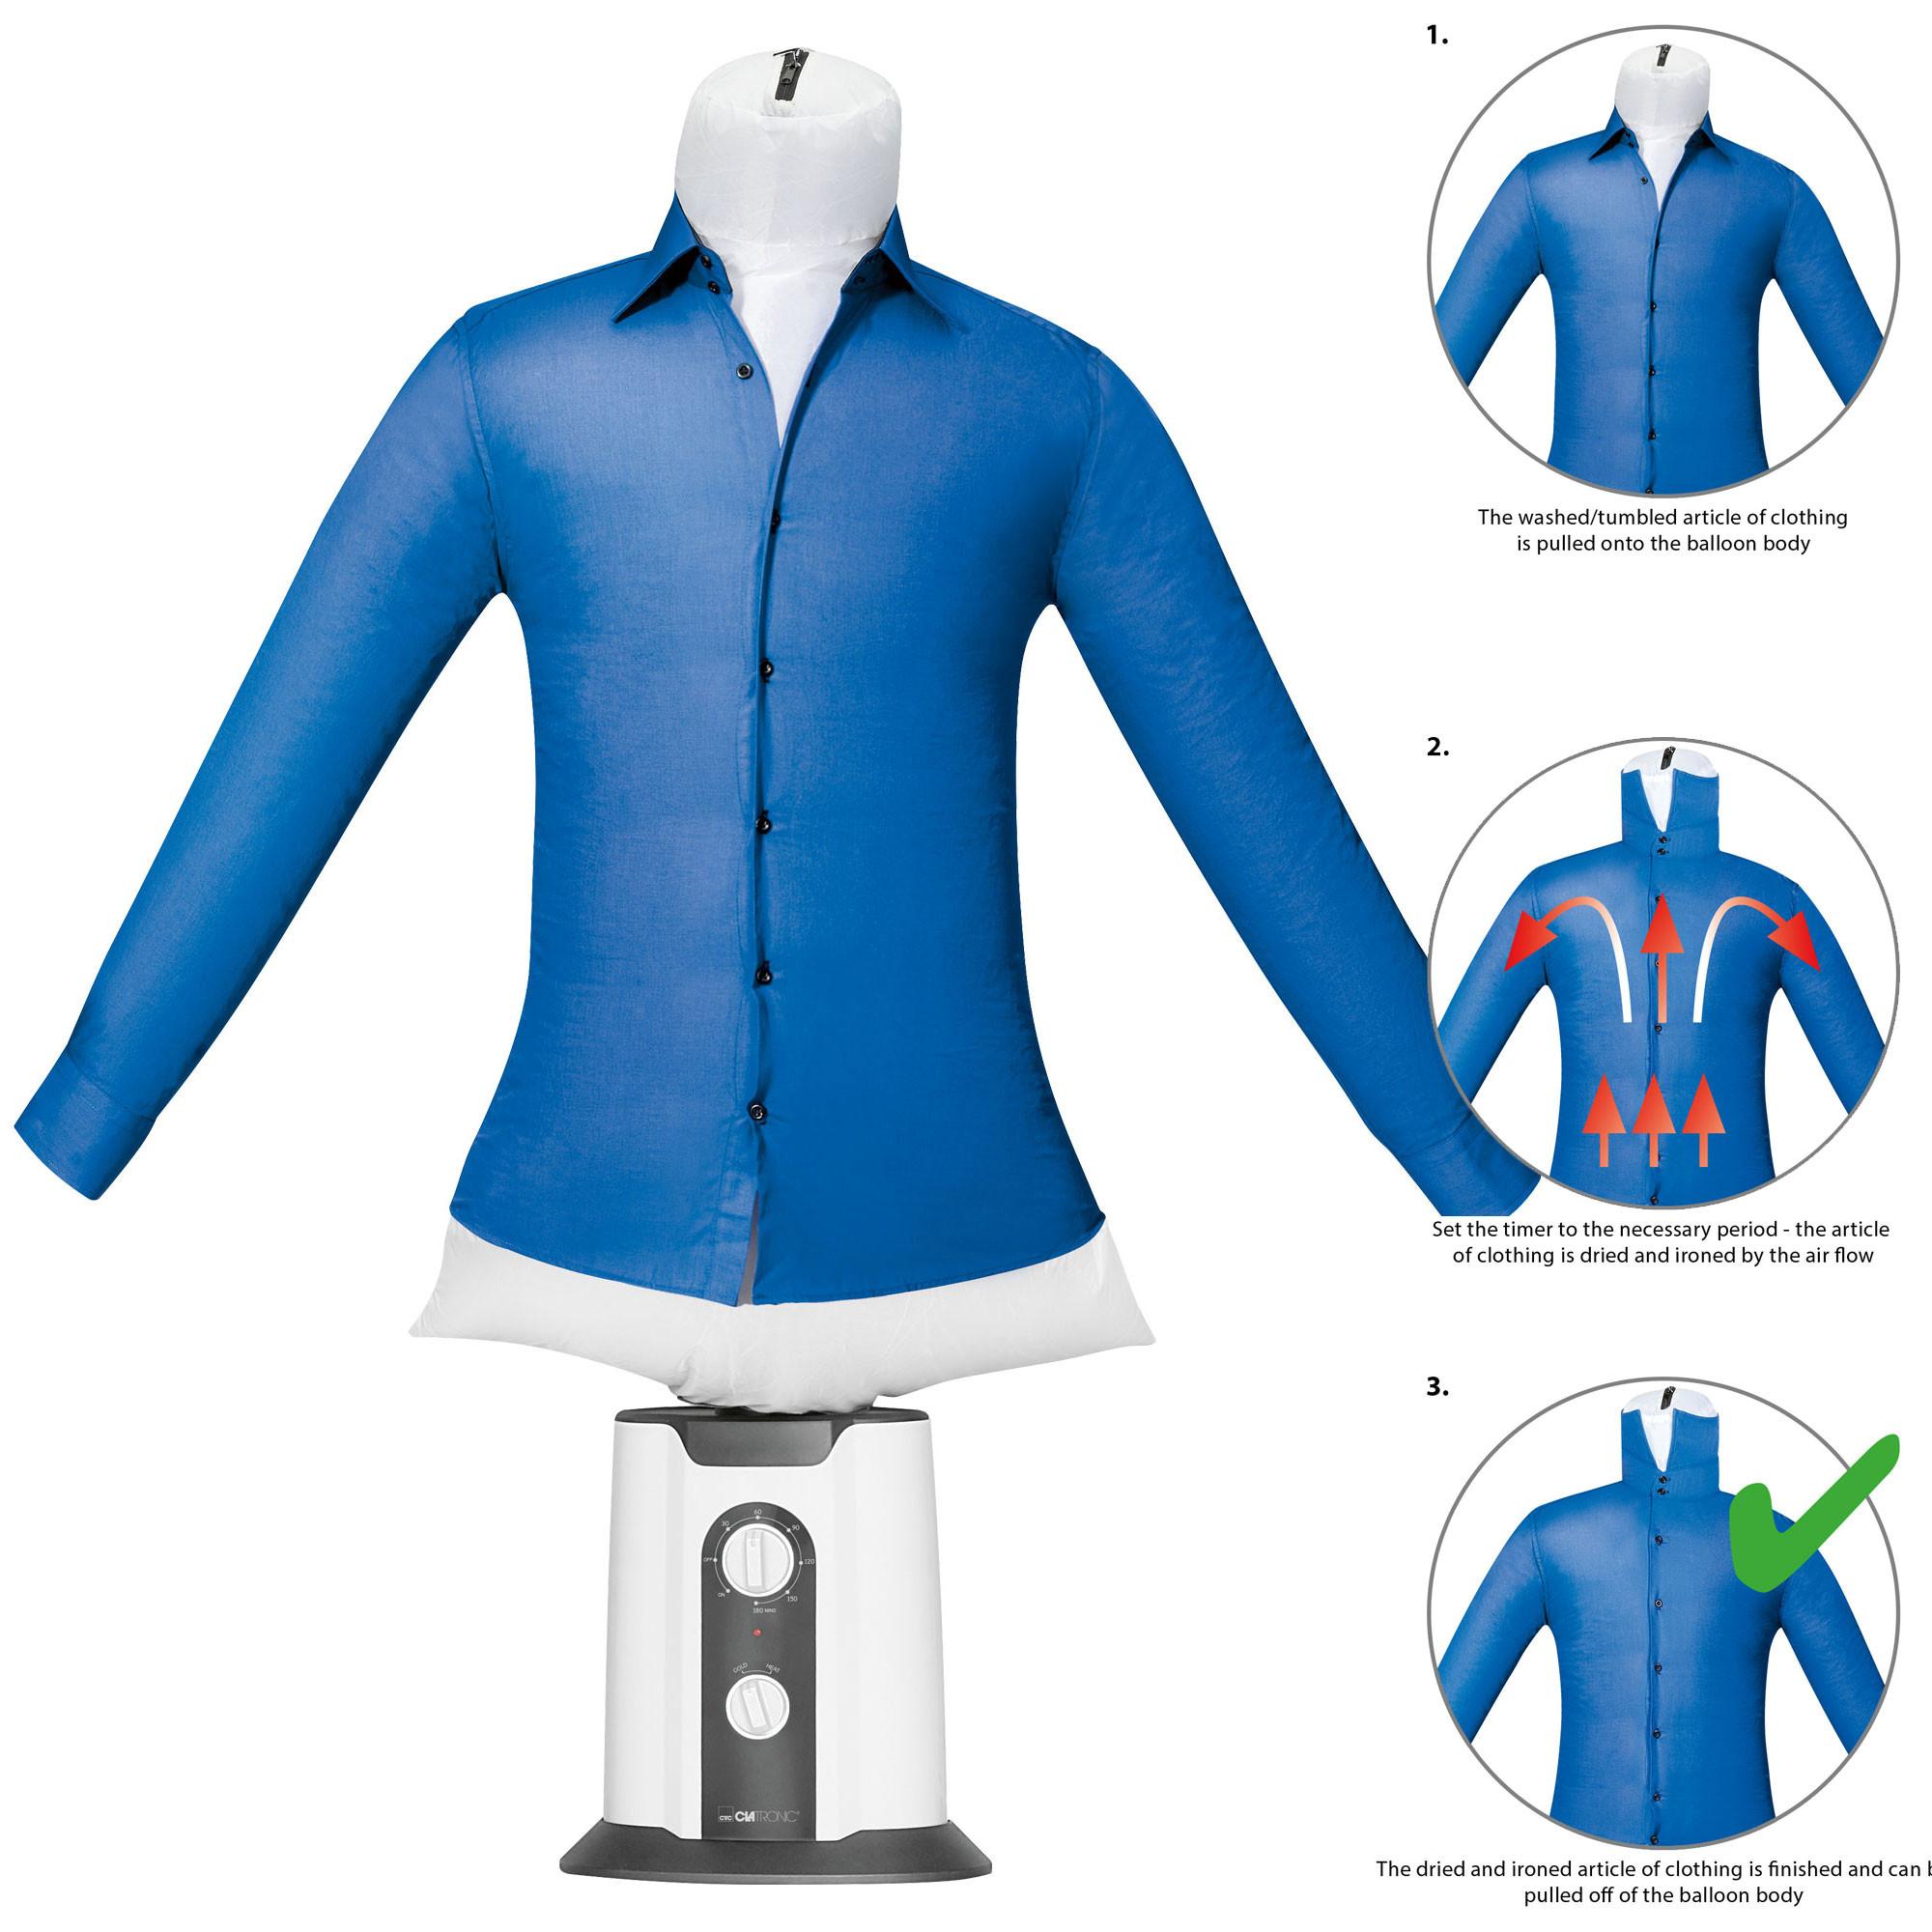 Maniqu planchado dom stico robot planchador camisas briebe hbb 1543 - Planchadora de camisas ...